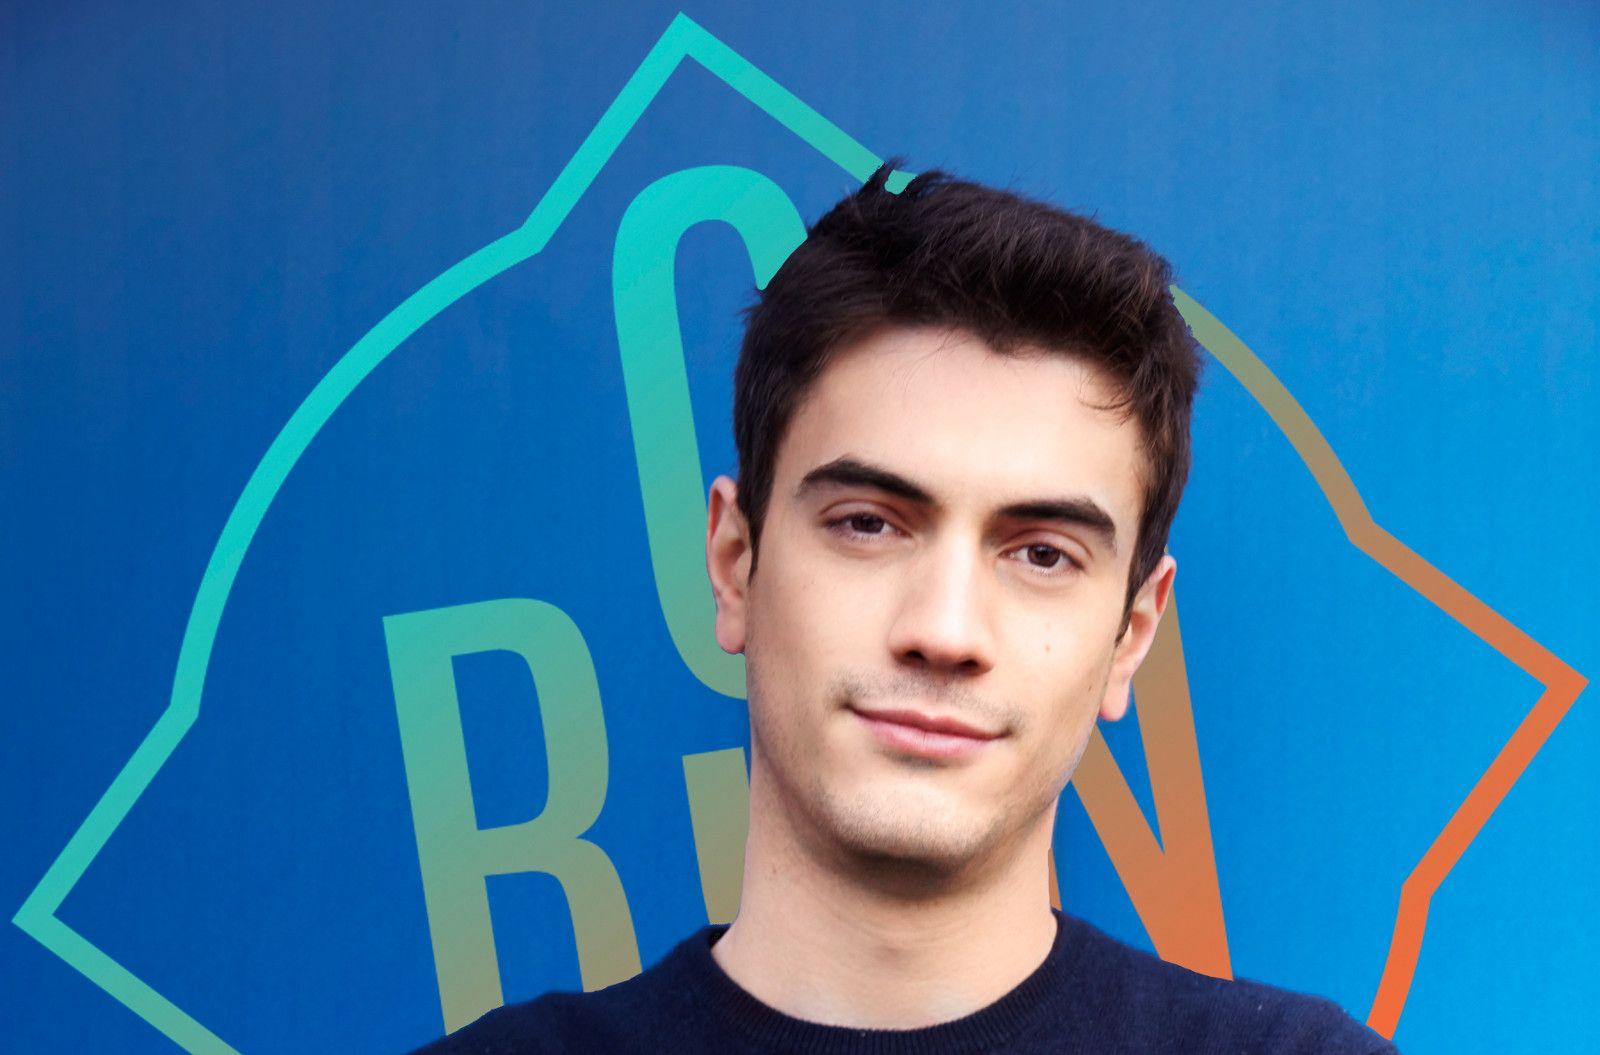 #digital people – Le portait d'Antoine, CTO de OuiRun, l'appli pour trouver des partenaires de running